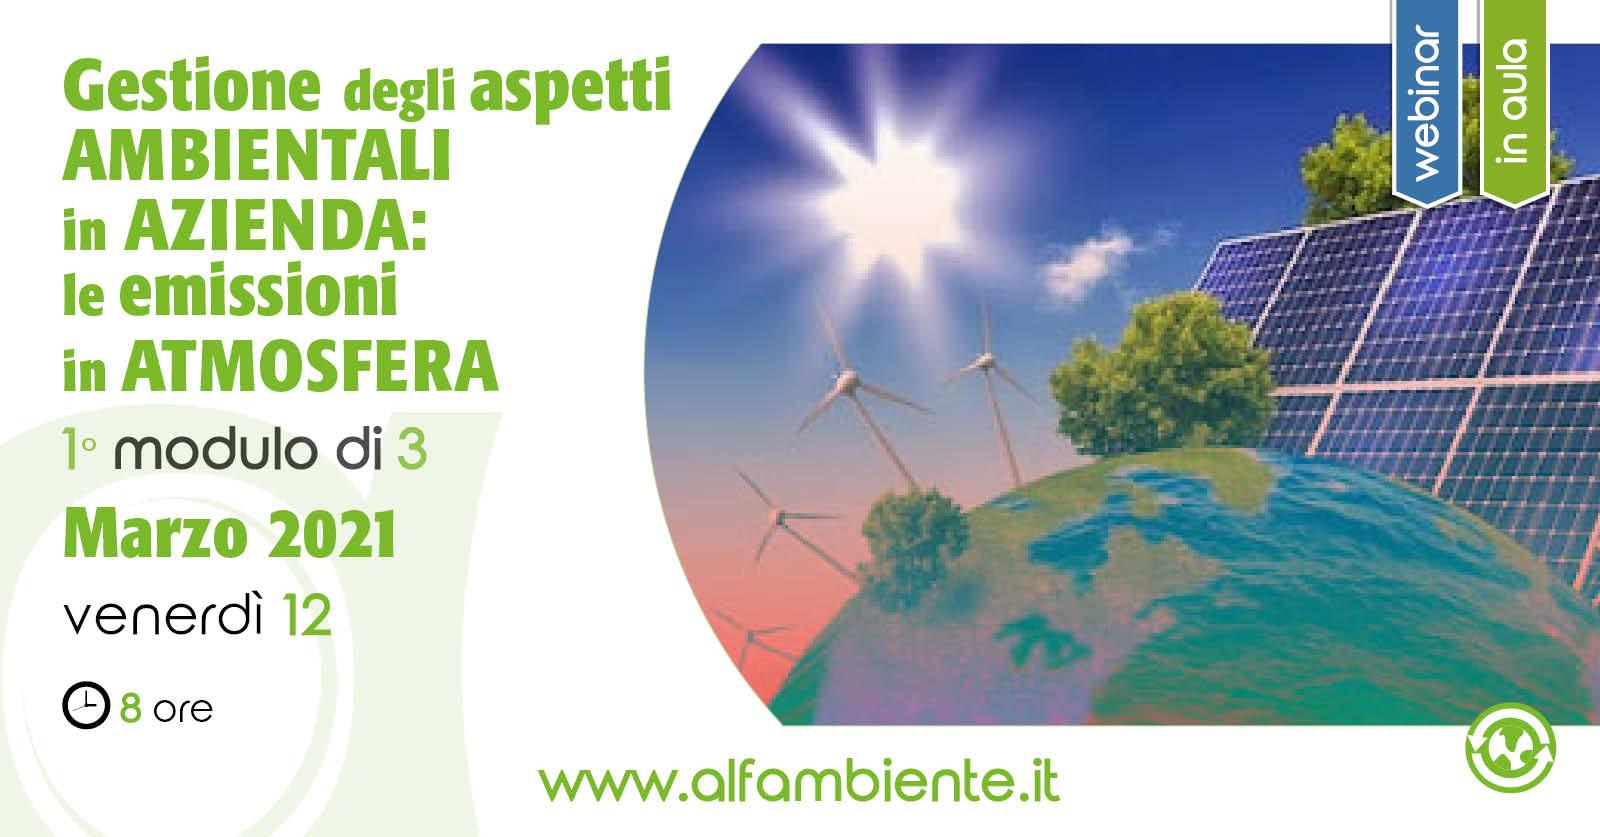 La Gestione degli Aspetti Ambientali in Azienda: Emissioni in atmosfera